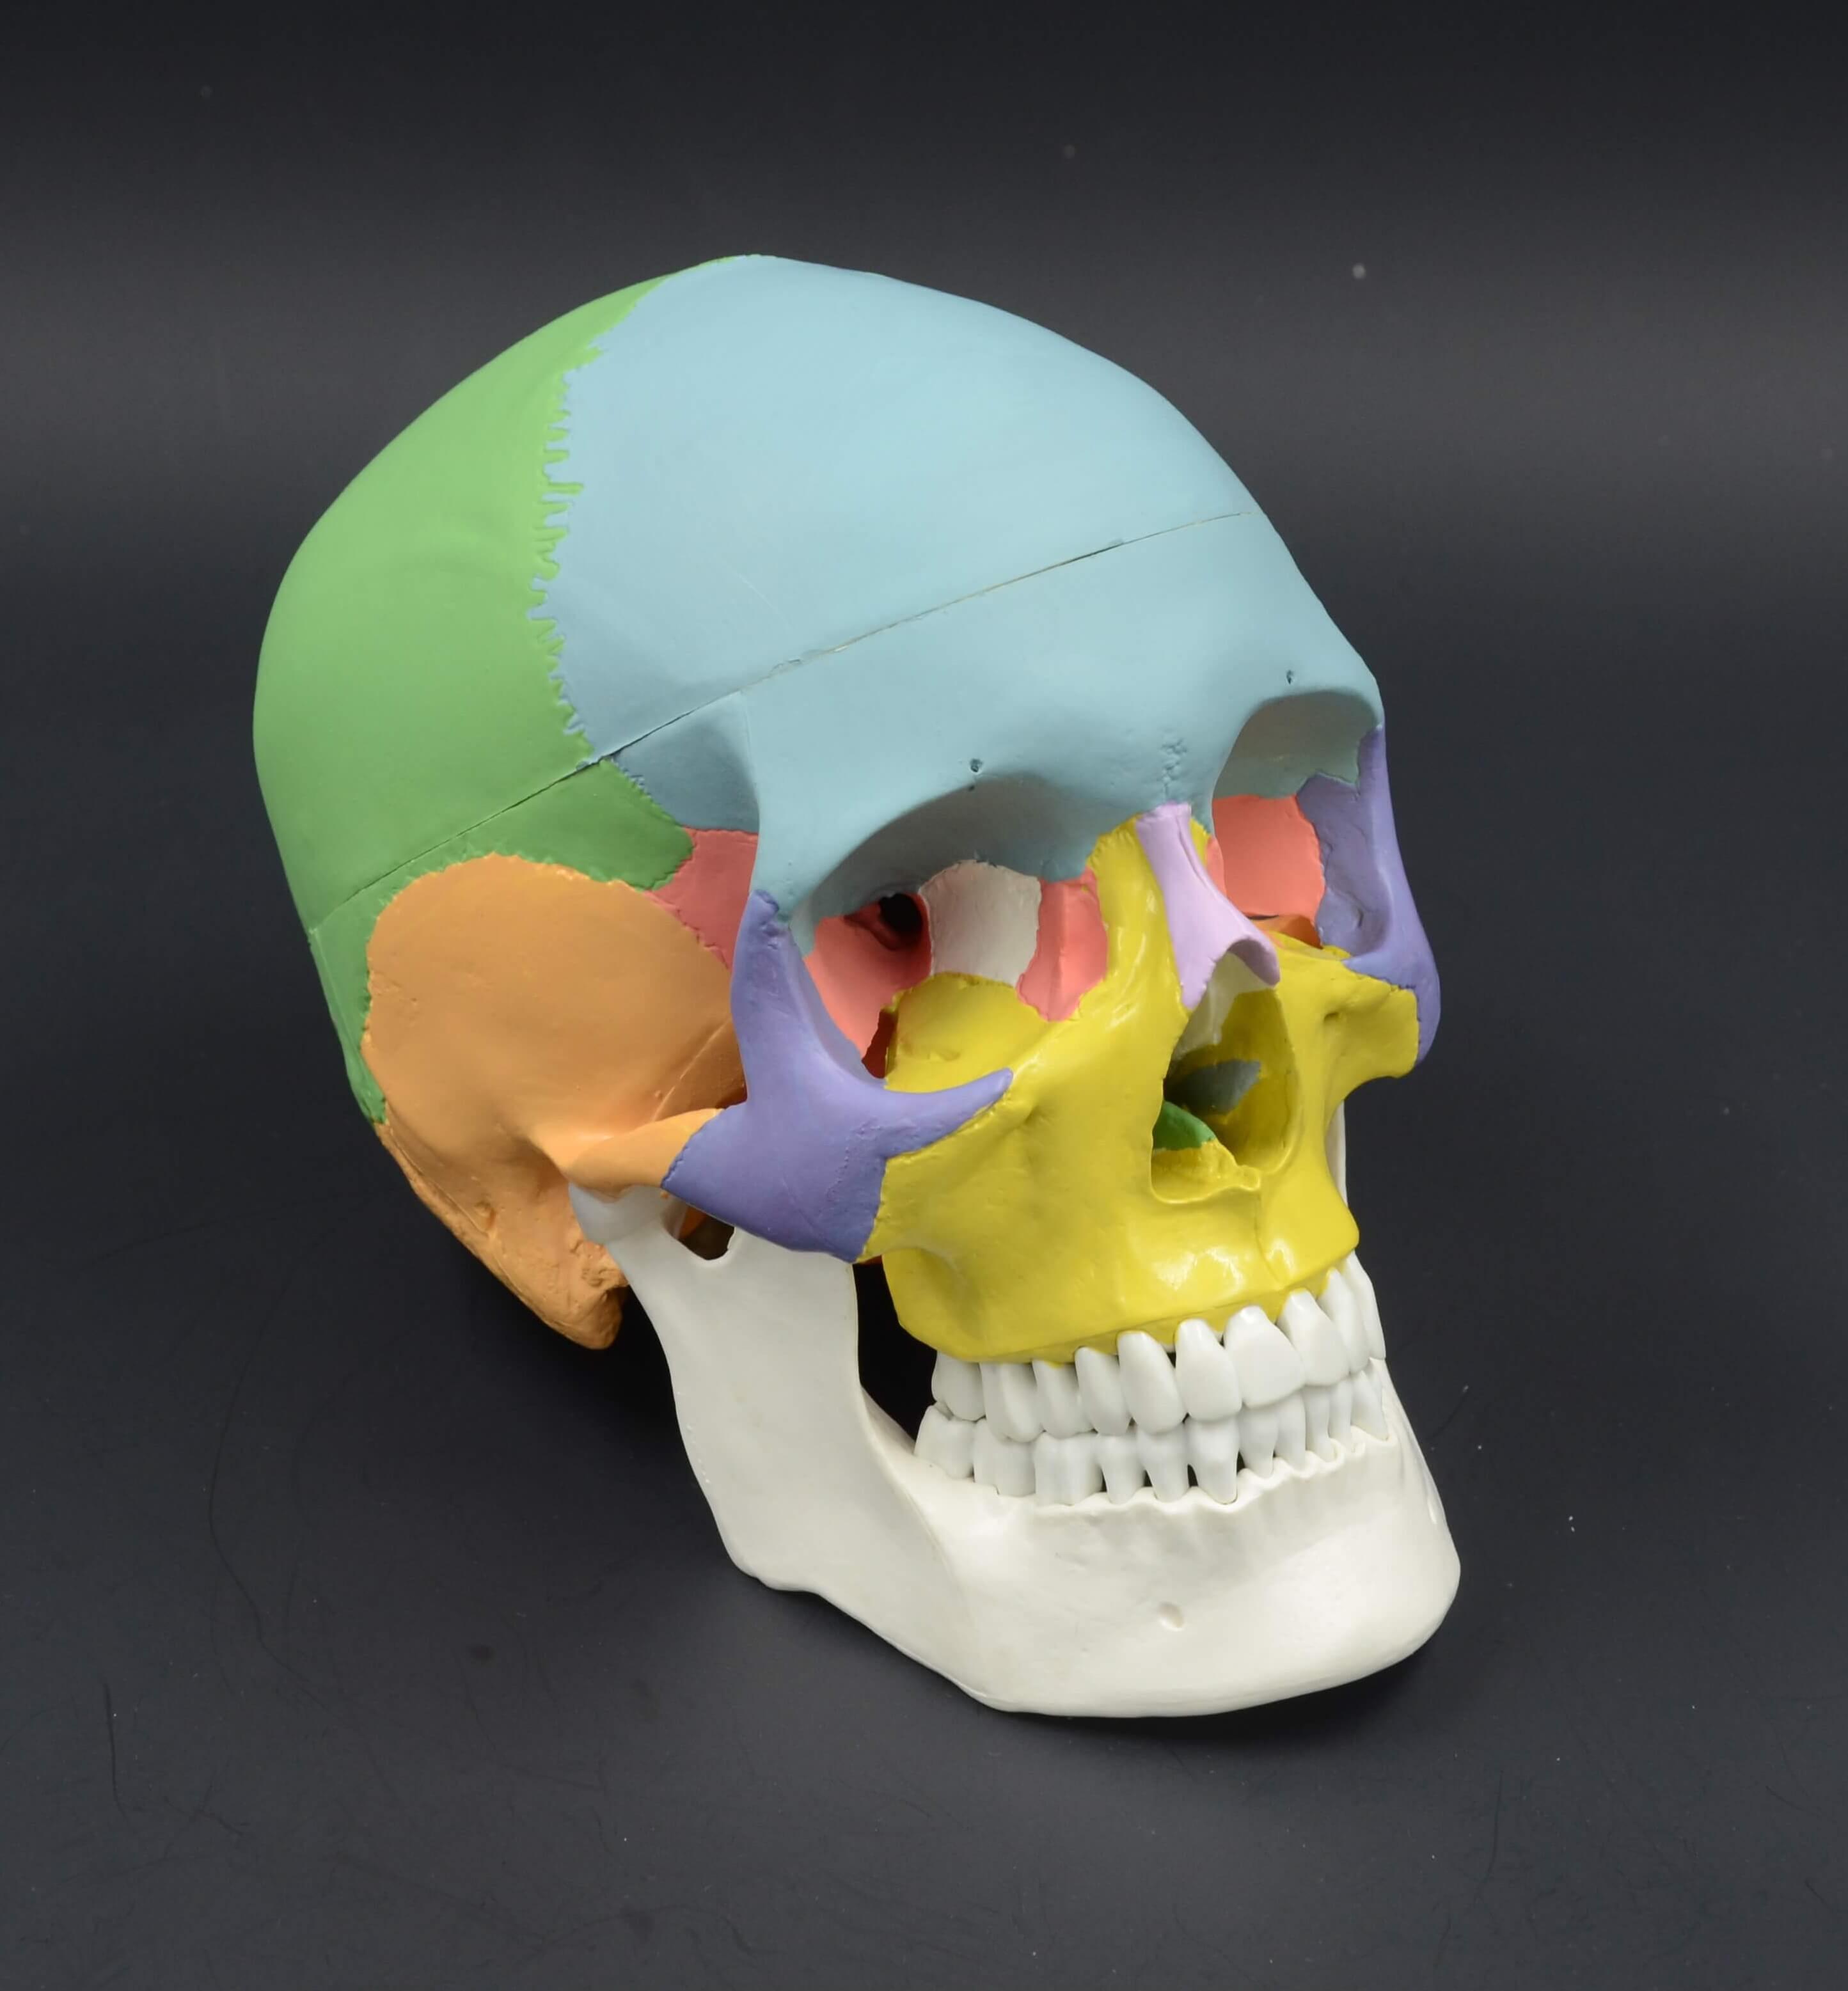 דגם אנטומי של גולגולת